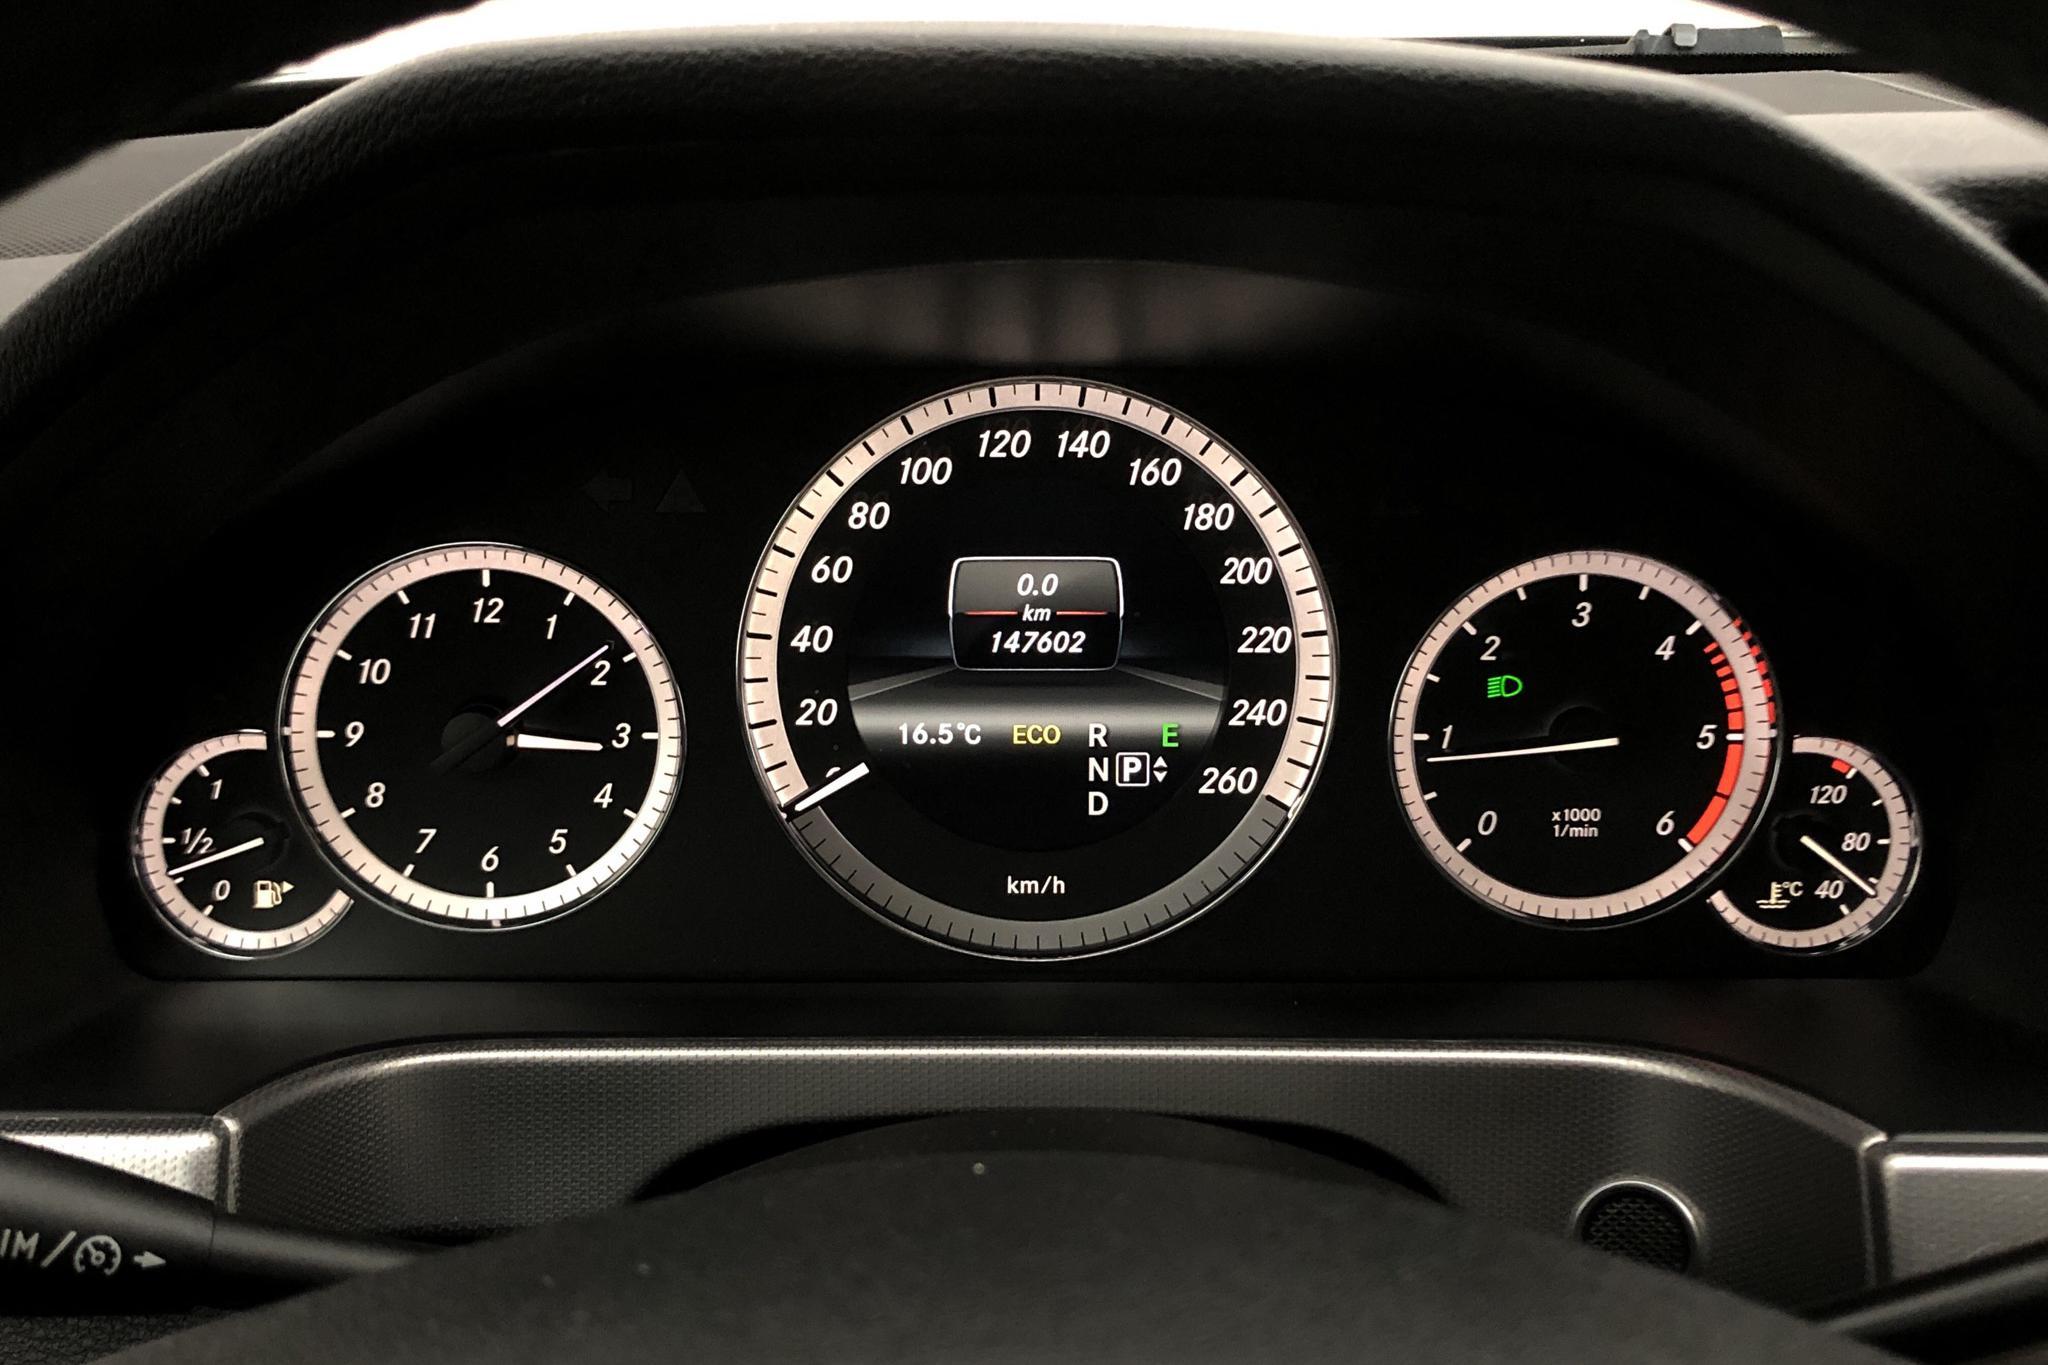 Mercedes E 220 CDI Kombi S212 (170hk) - 147 000 km - silver - 2013